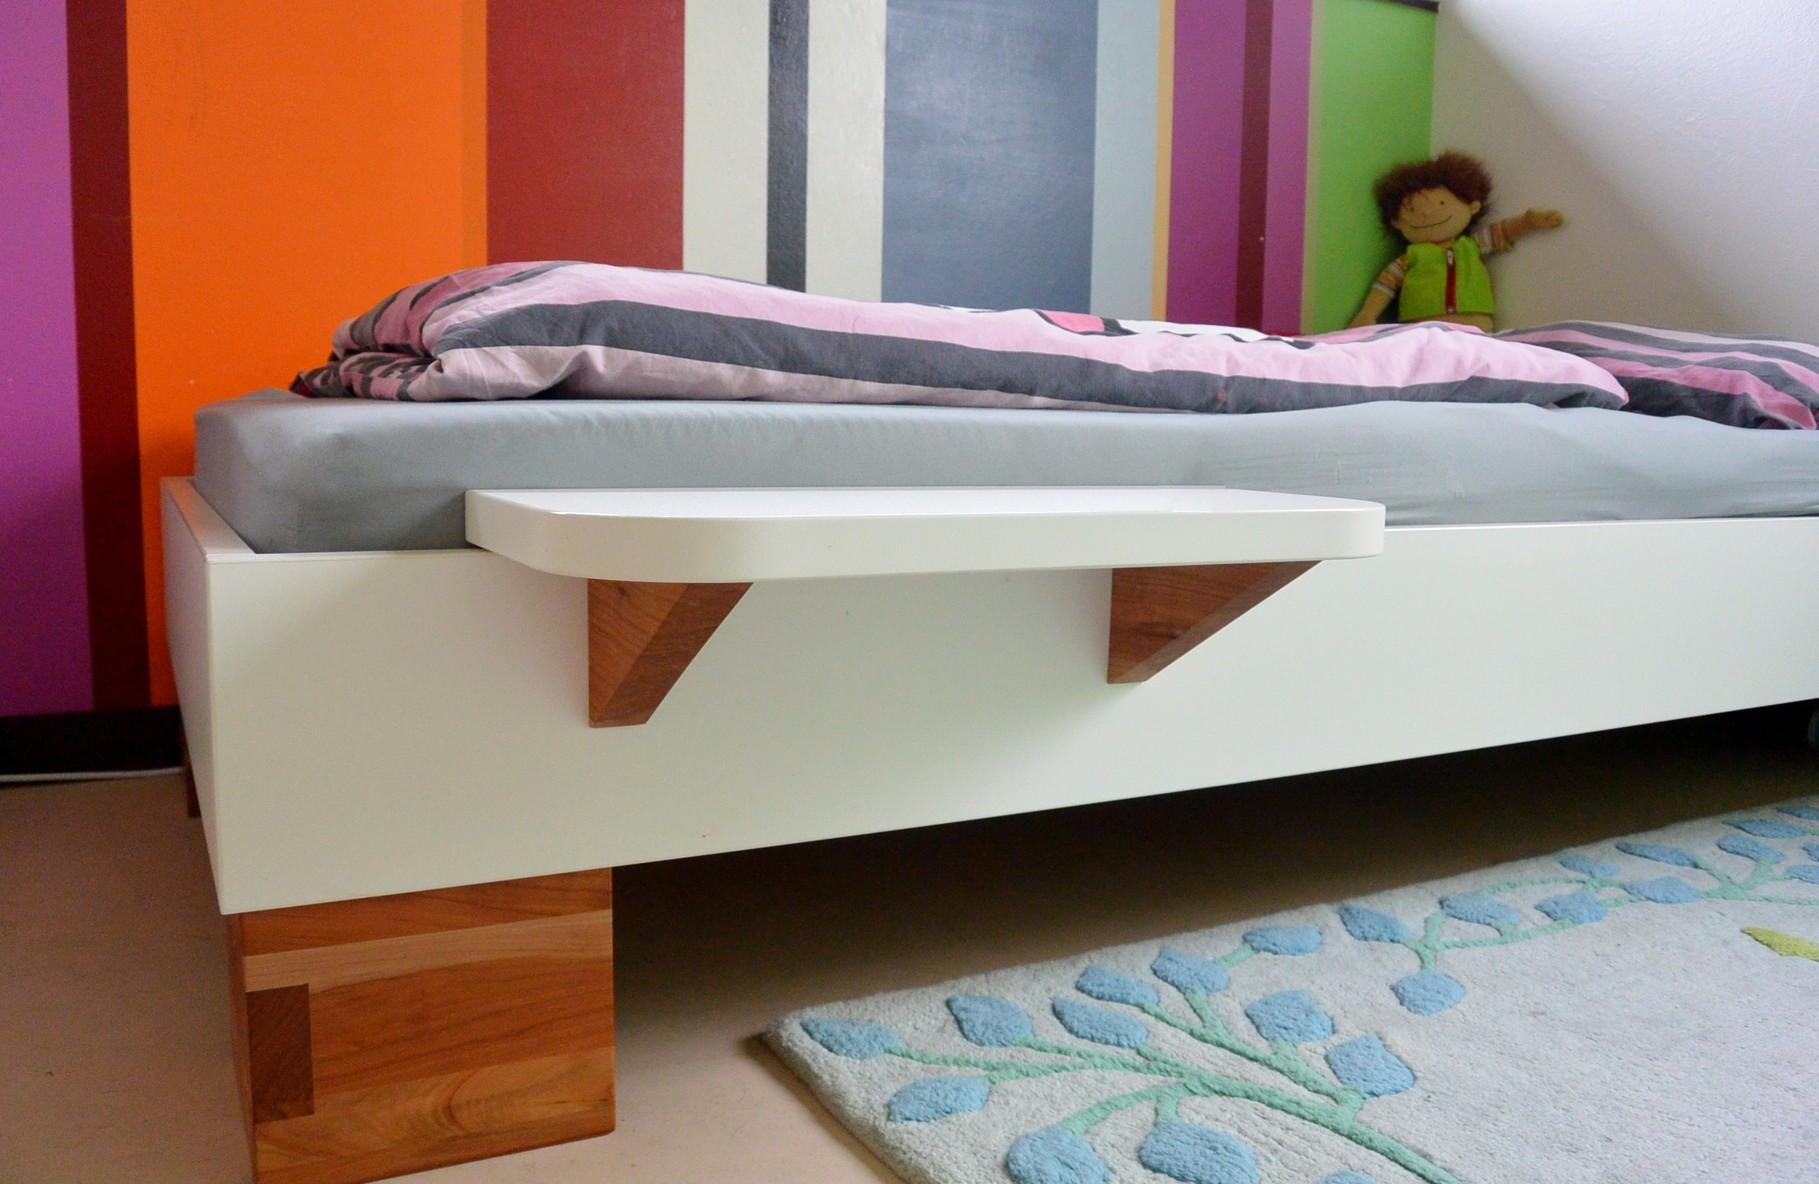 kinderzimmer jugendbett holzdesign rapp geisingen. Black Bedroom Furniture Sets. Home Design Ideas